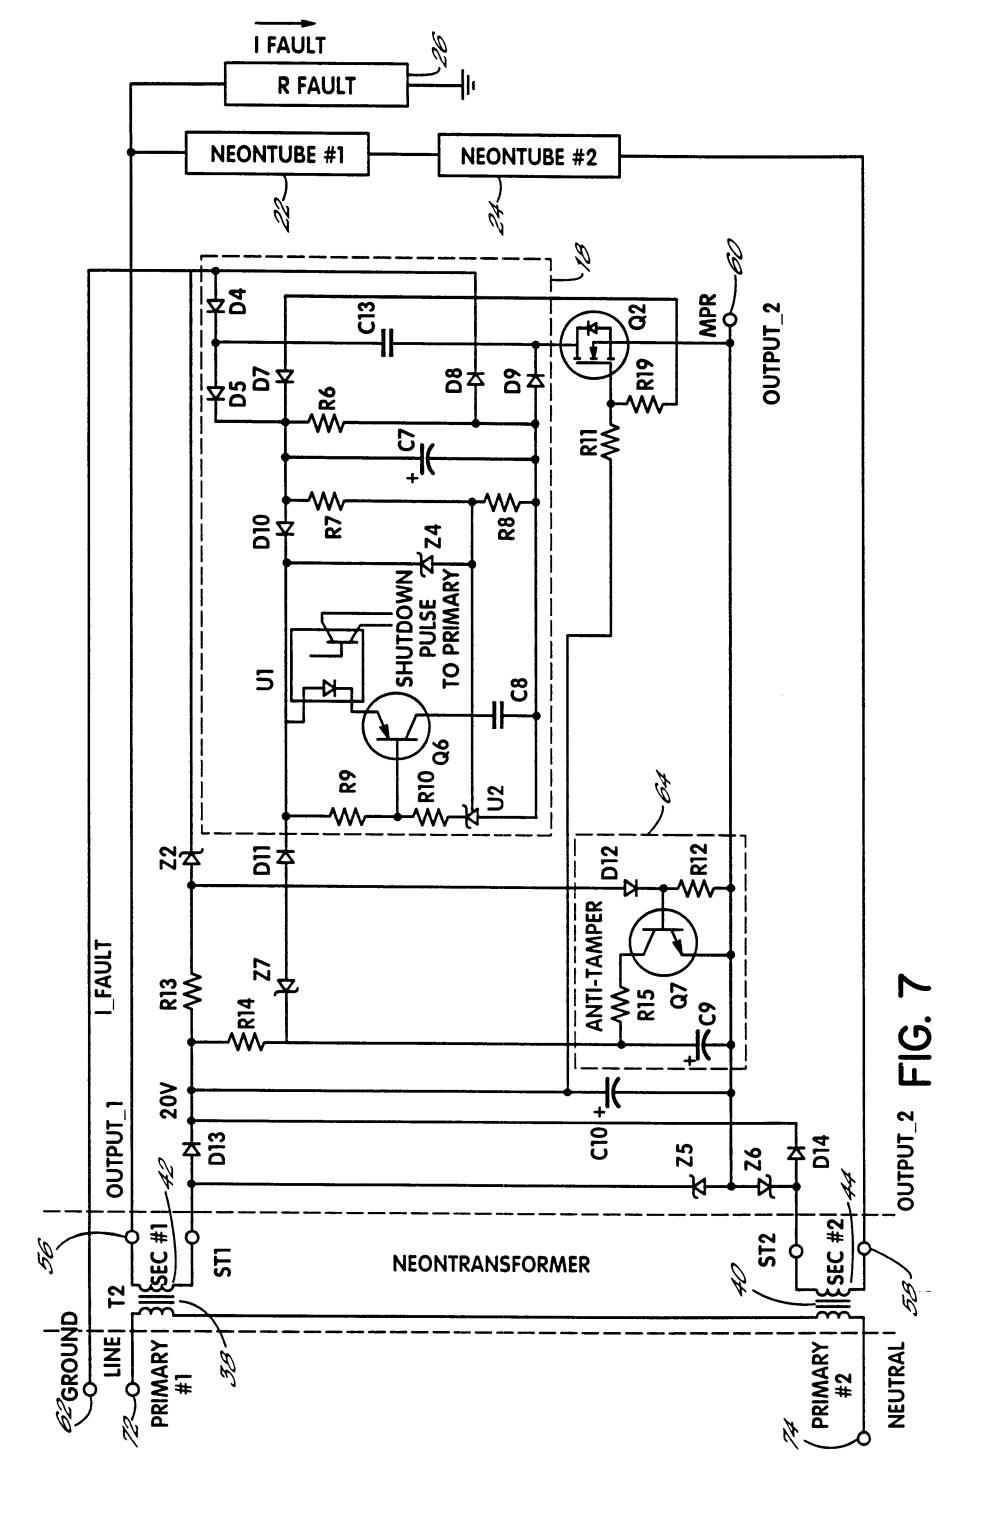 medium resolution of wiring diagram for john deere 5525 wiring diagram for john